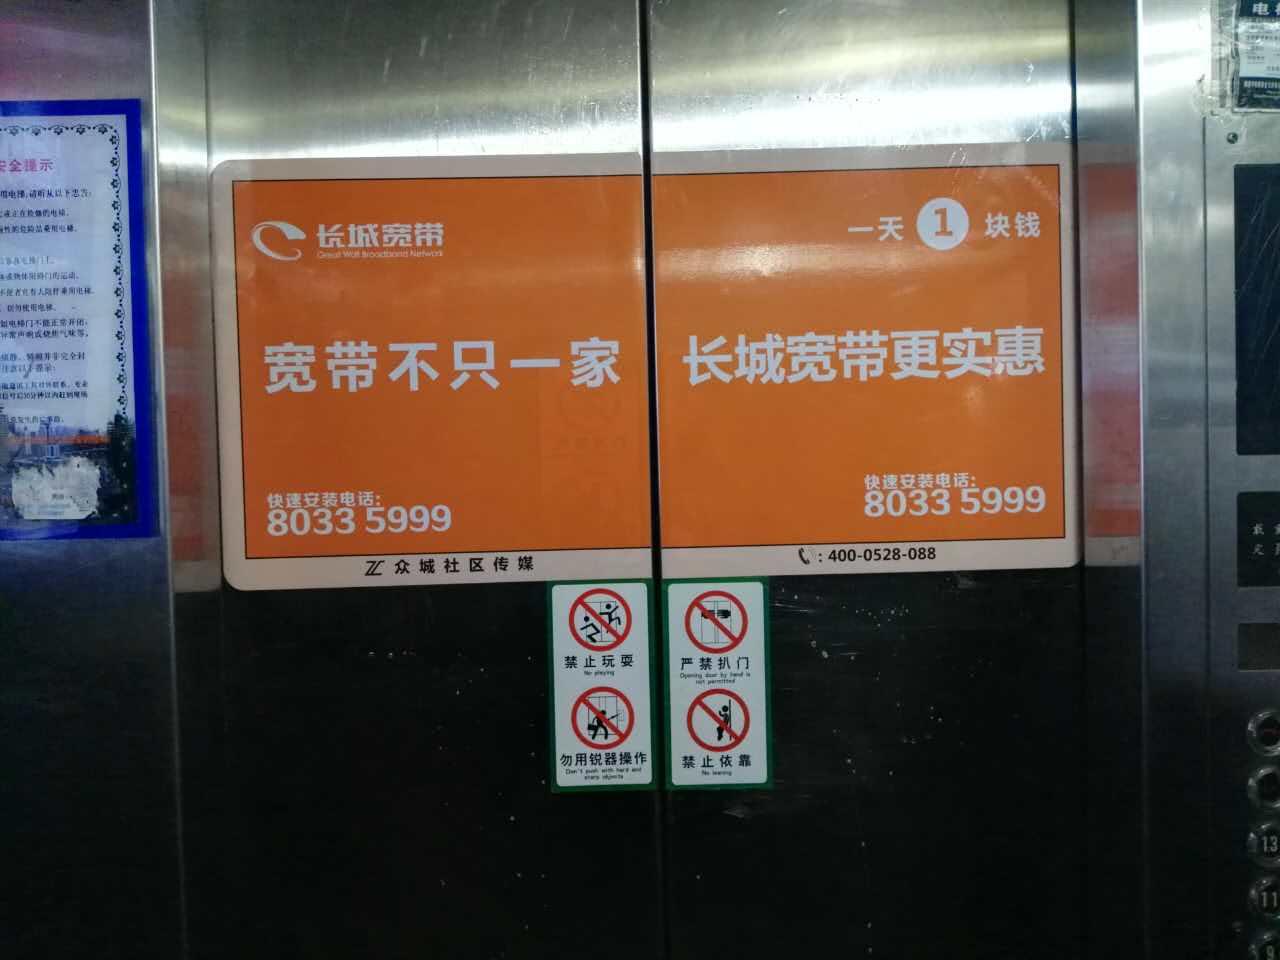 强势发布上海电梯门广告,独家开发资源,众城值得信赖!